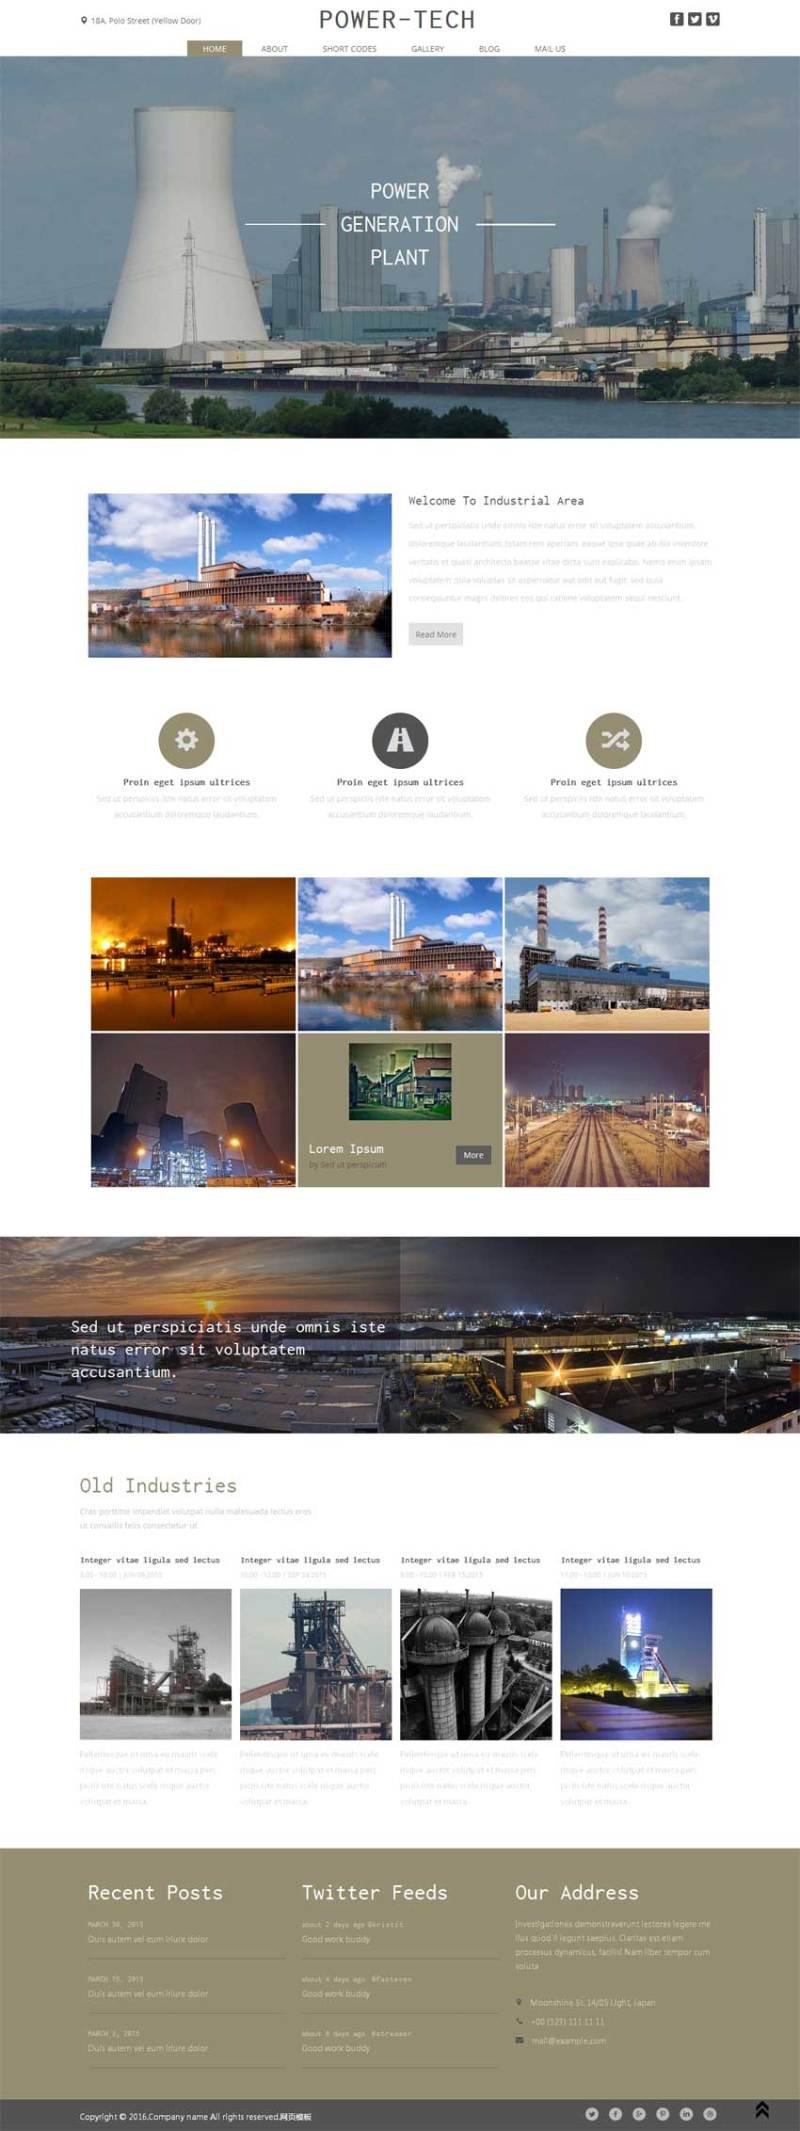 国外宽屏的化工生产企业网站模板html整站